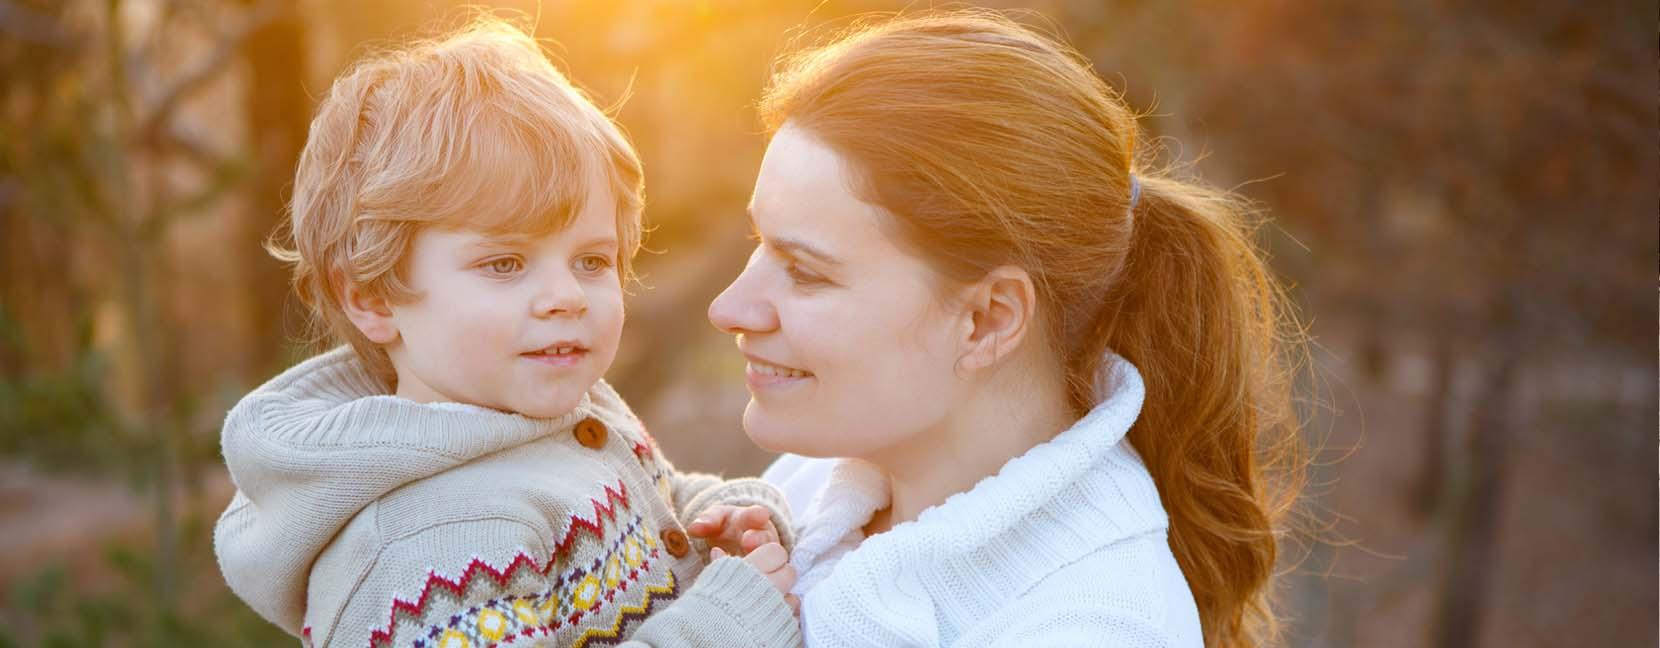 Mamma guarda felice il suo bimbo mentre lo tiene in braccio